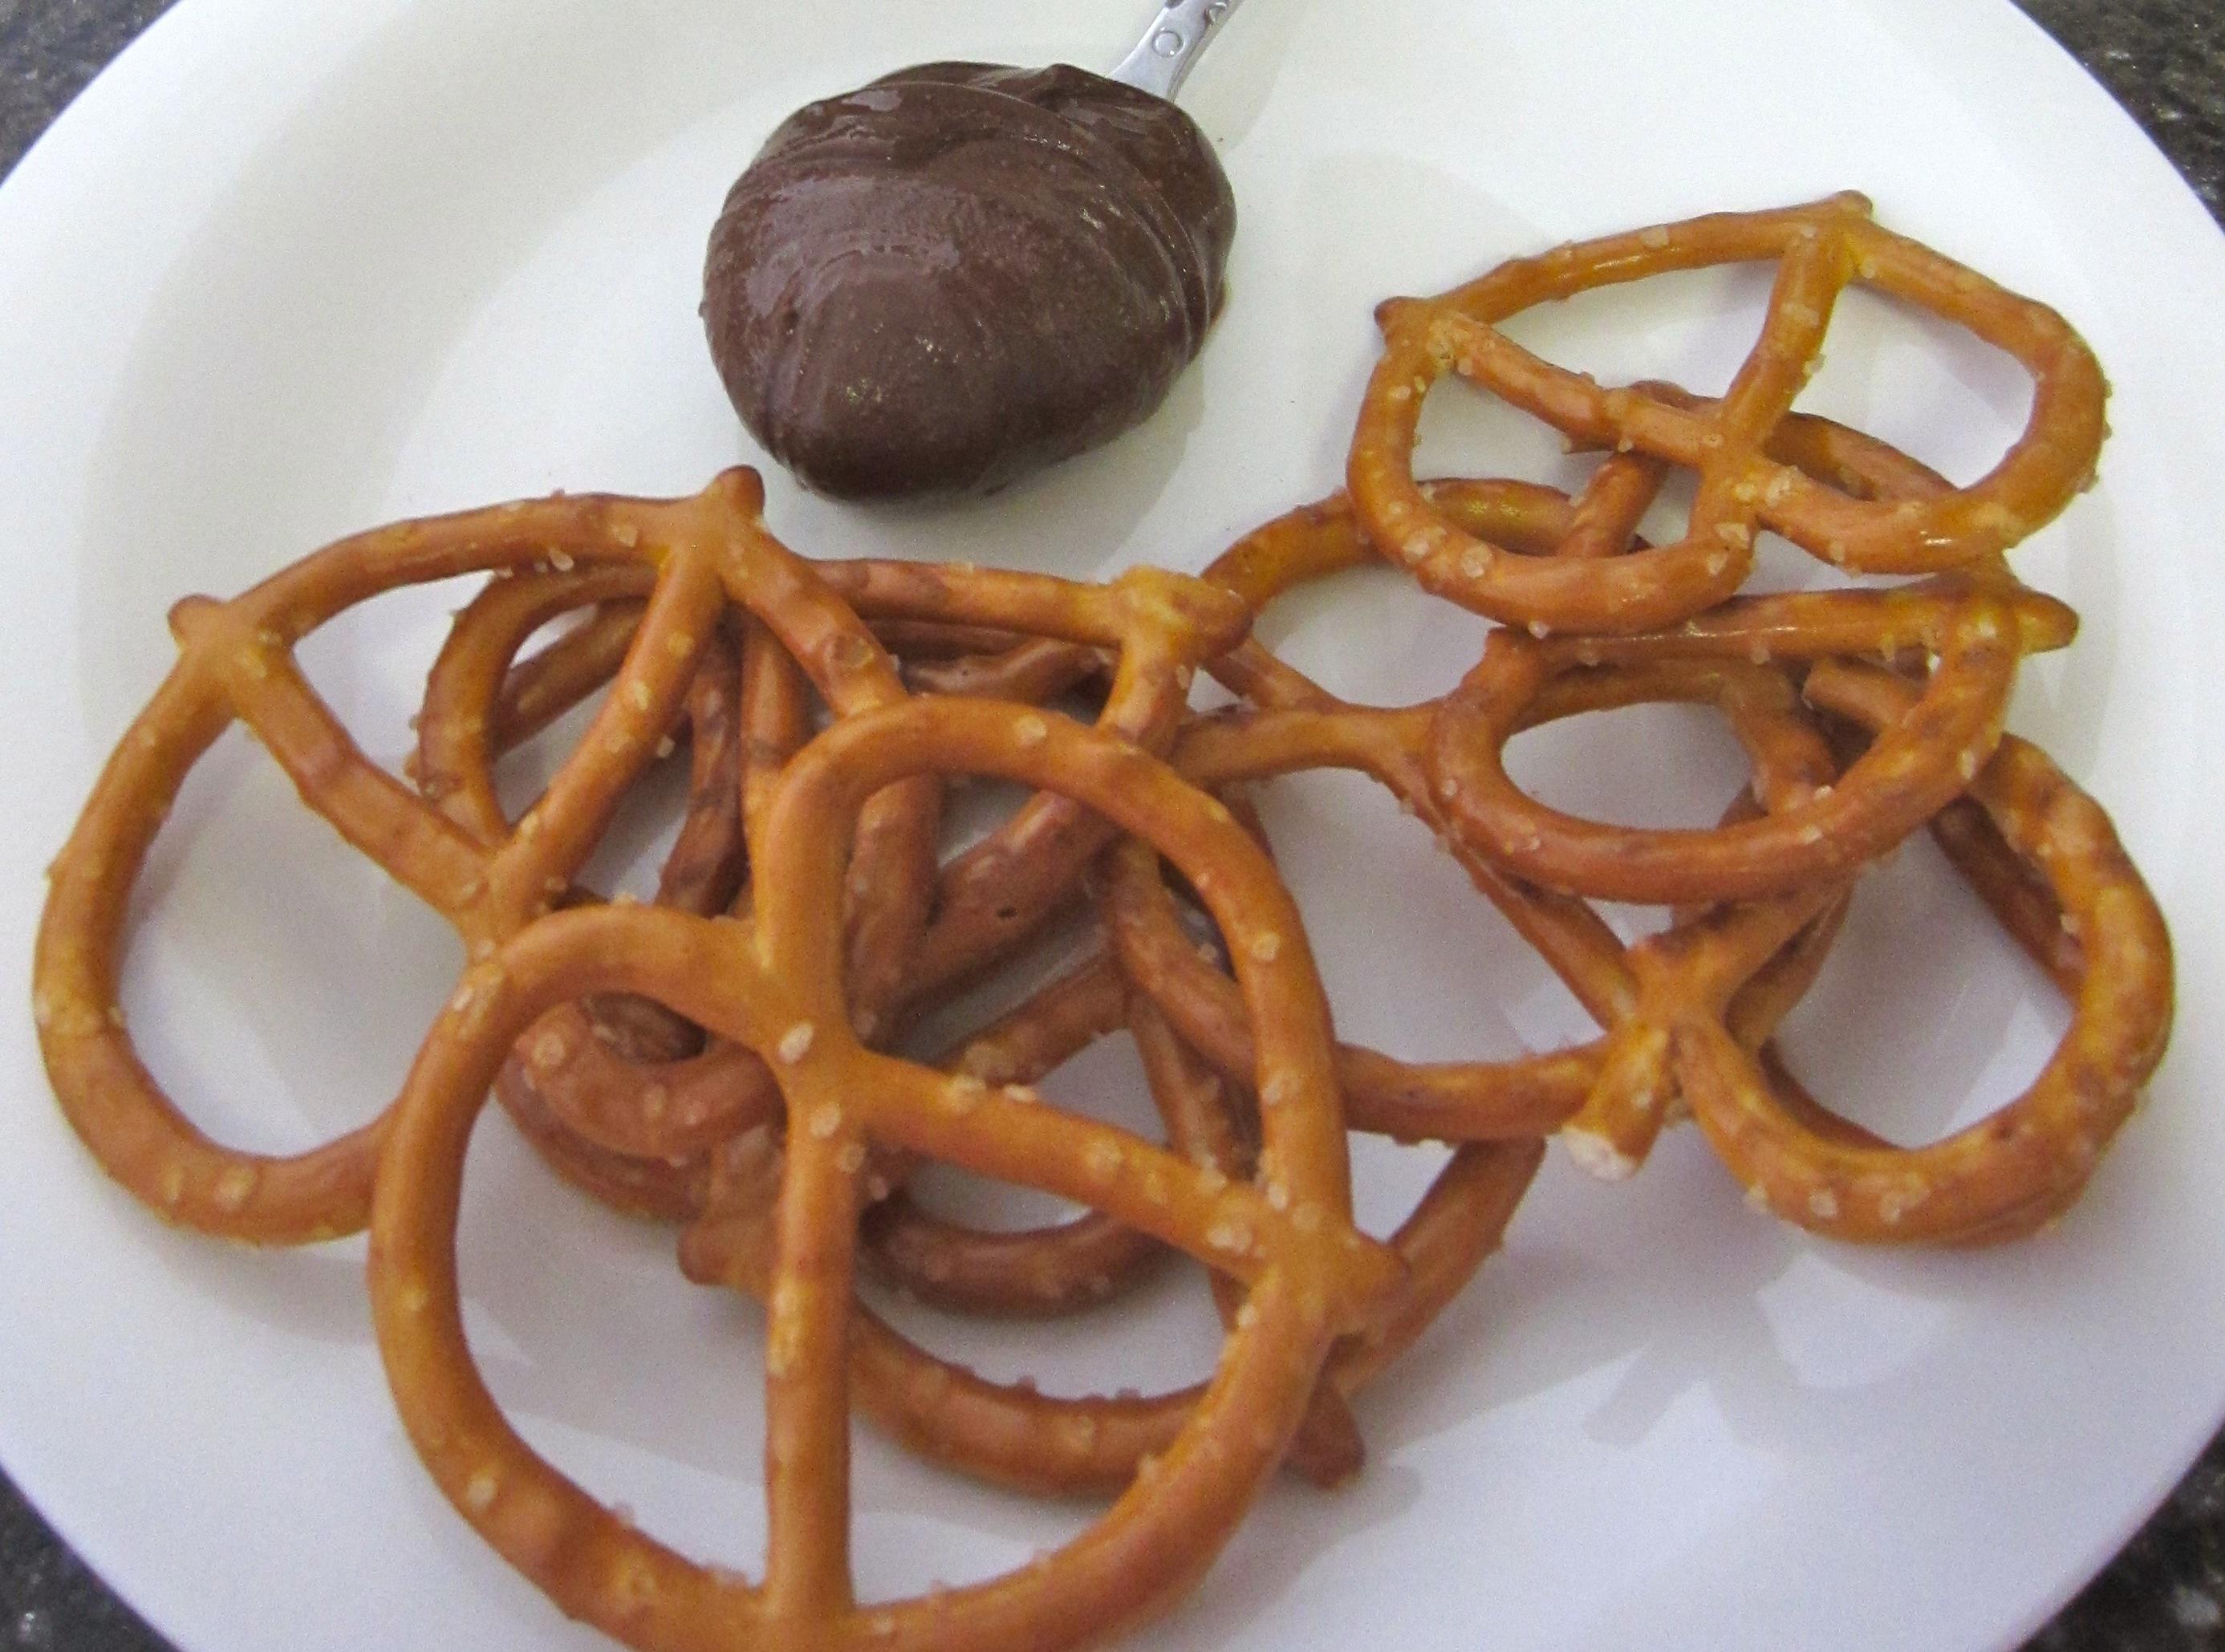 Pretzels and dark chocolate peanut butter